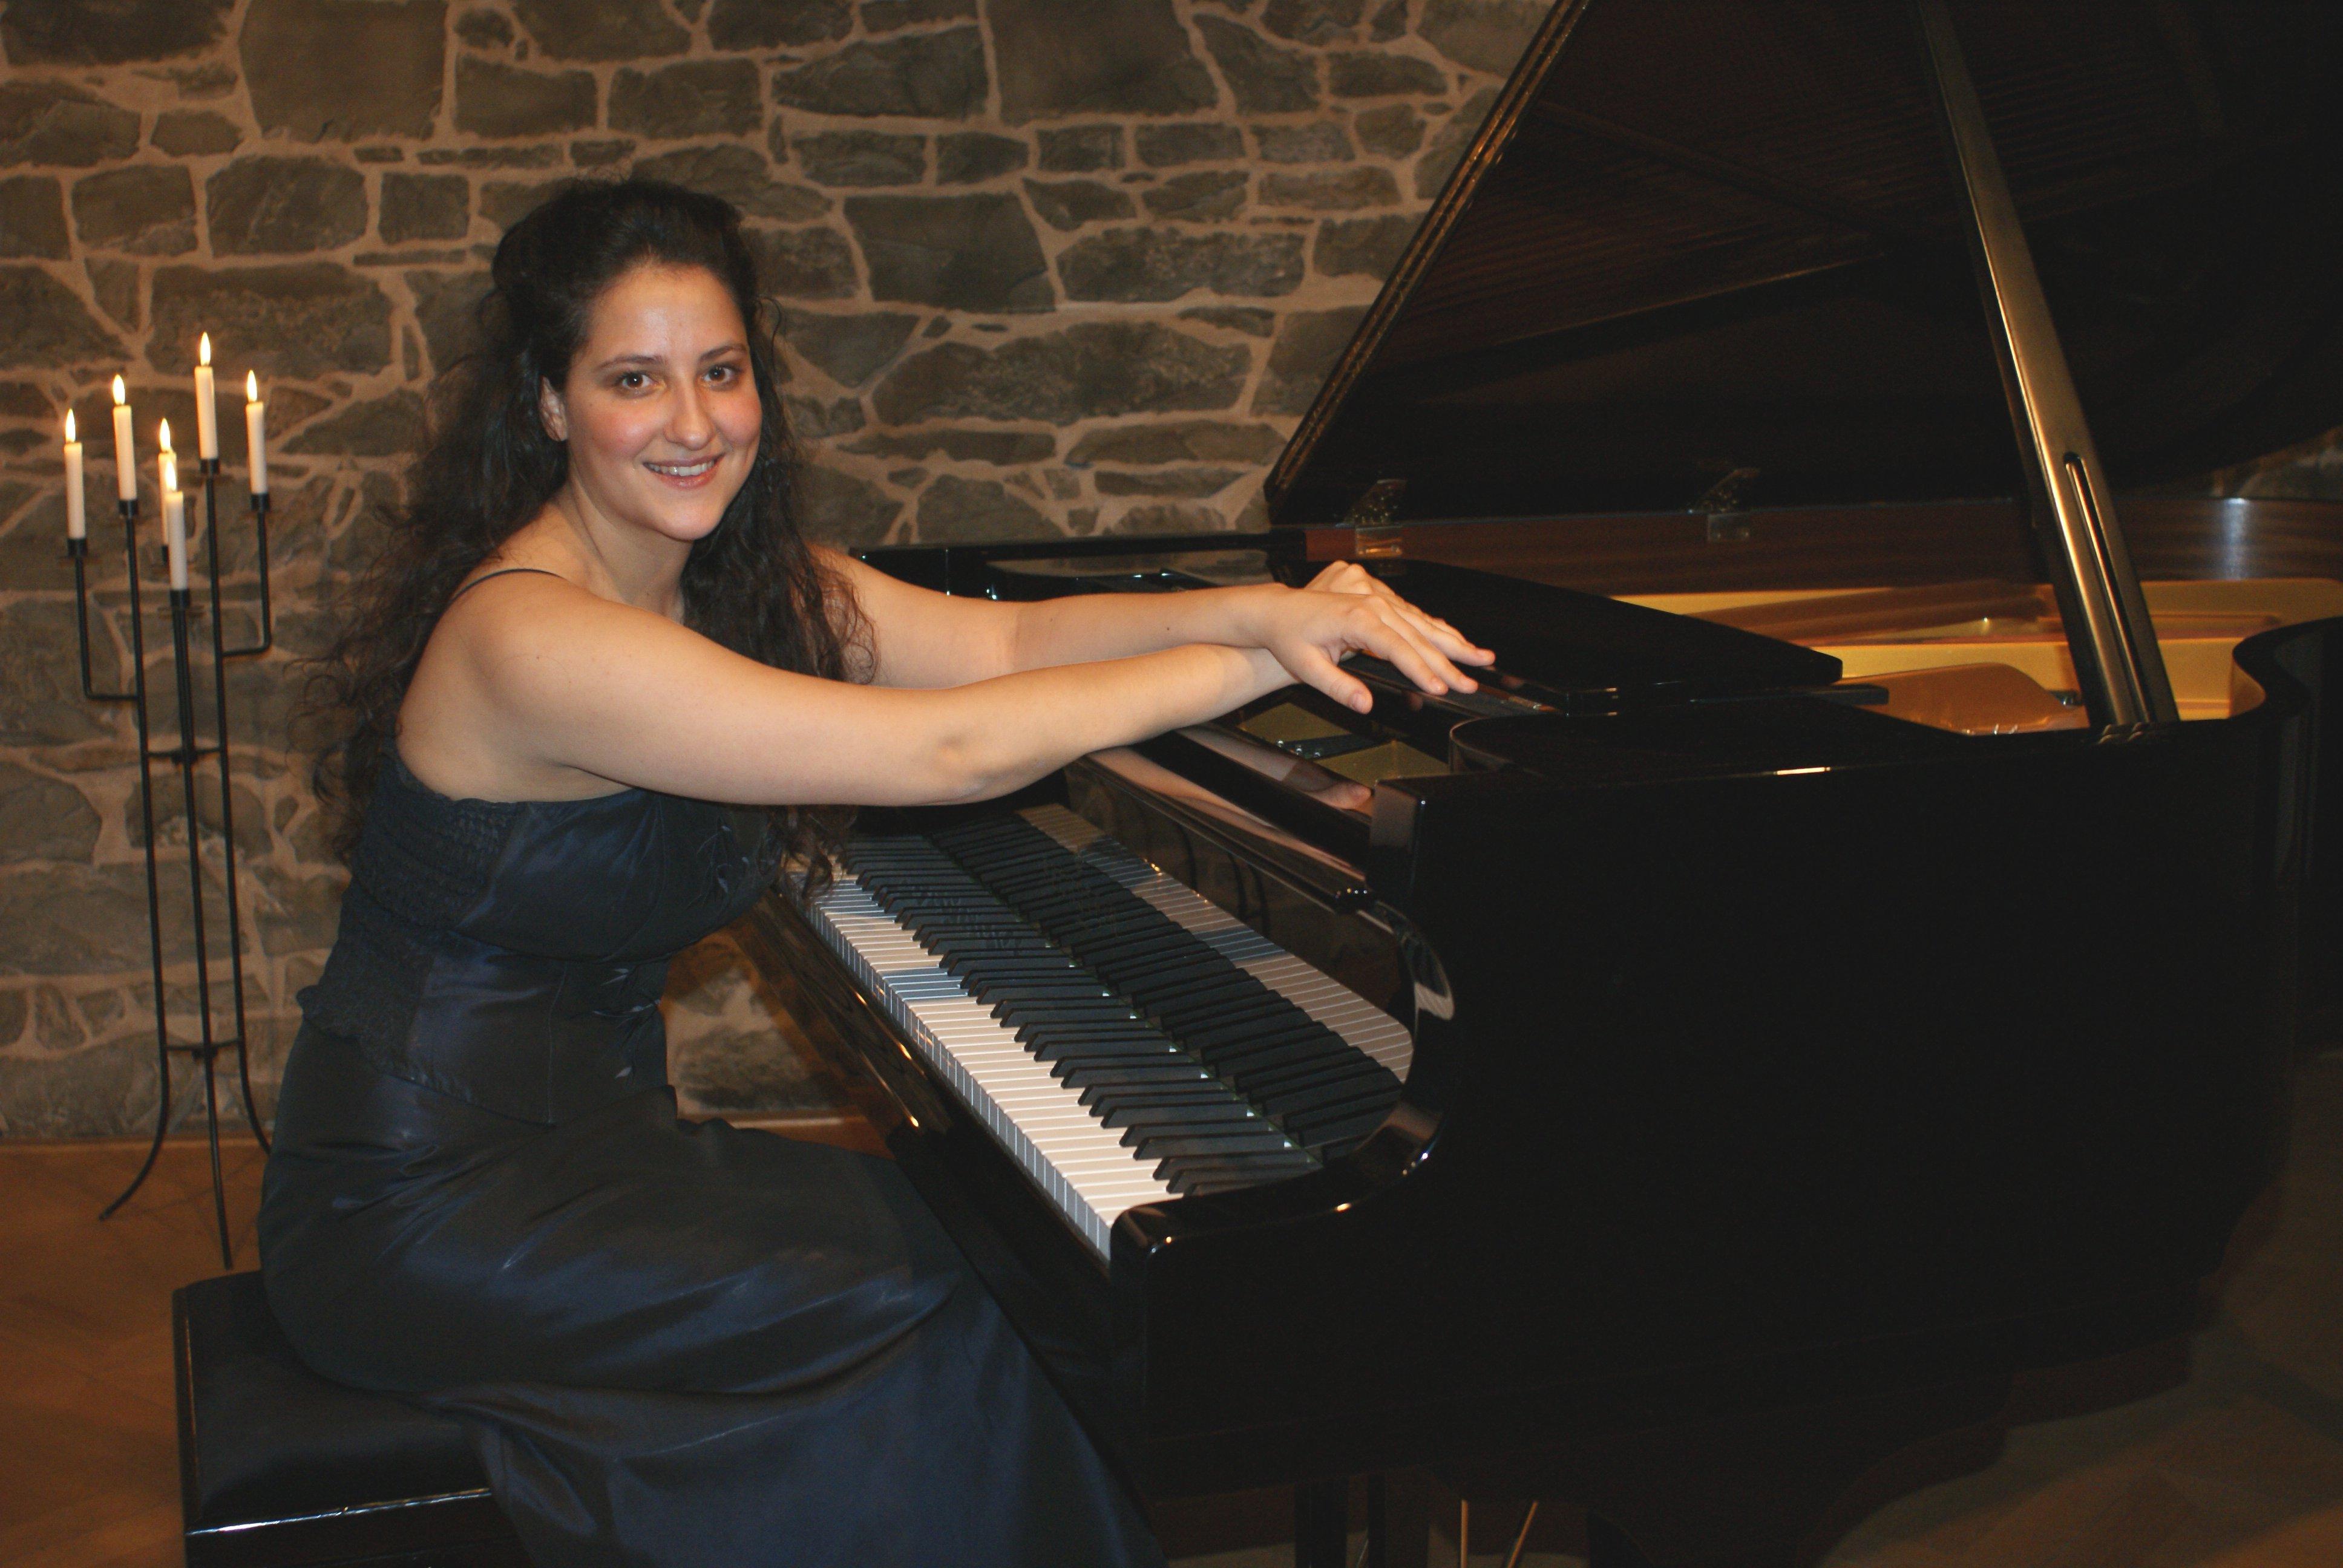 Pianistin Akdenizli bezaubert Publikum in Altena - Gesprächskonzert